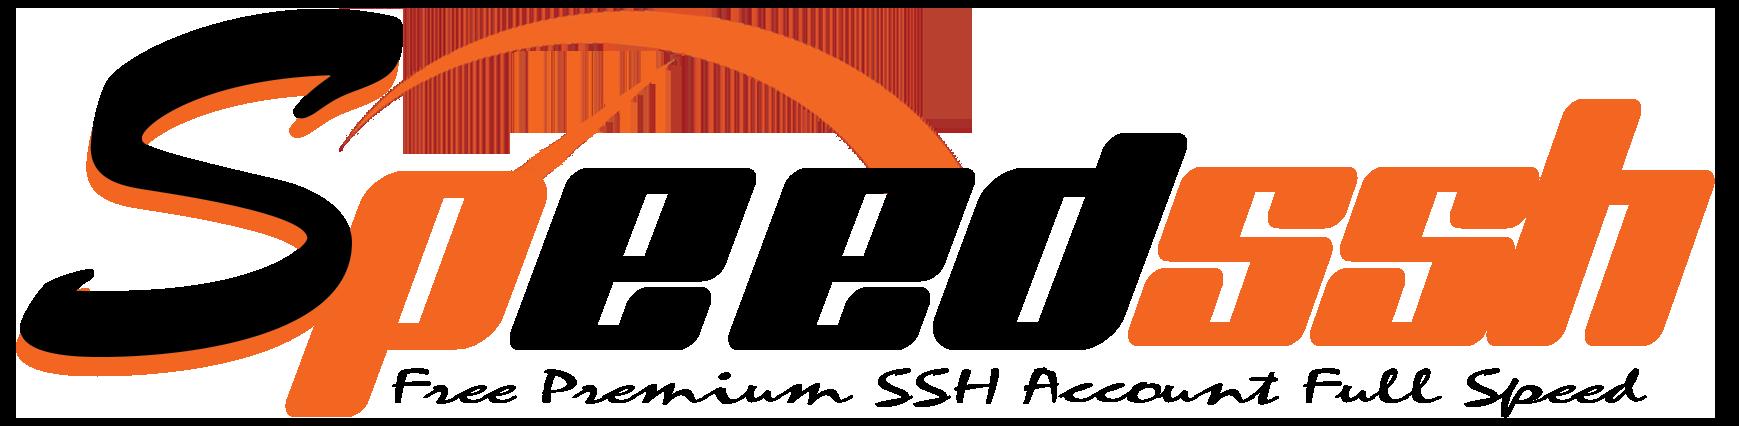 Premium SSH Account 30 Days Full Speed - SpeedSSH com